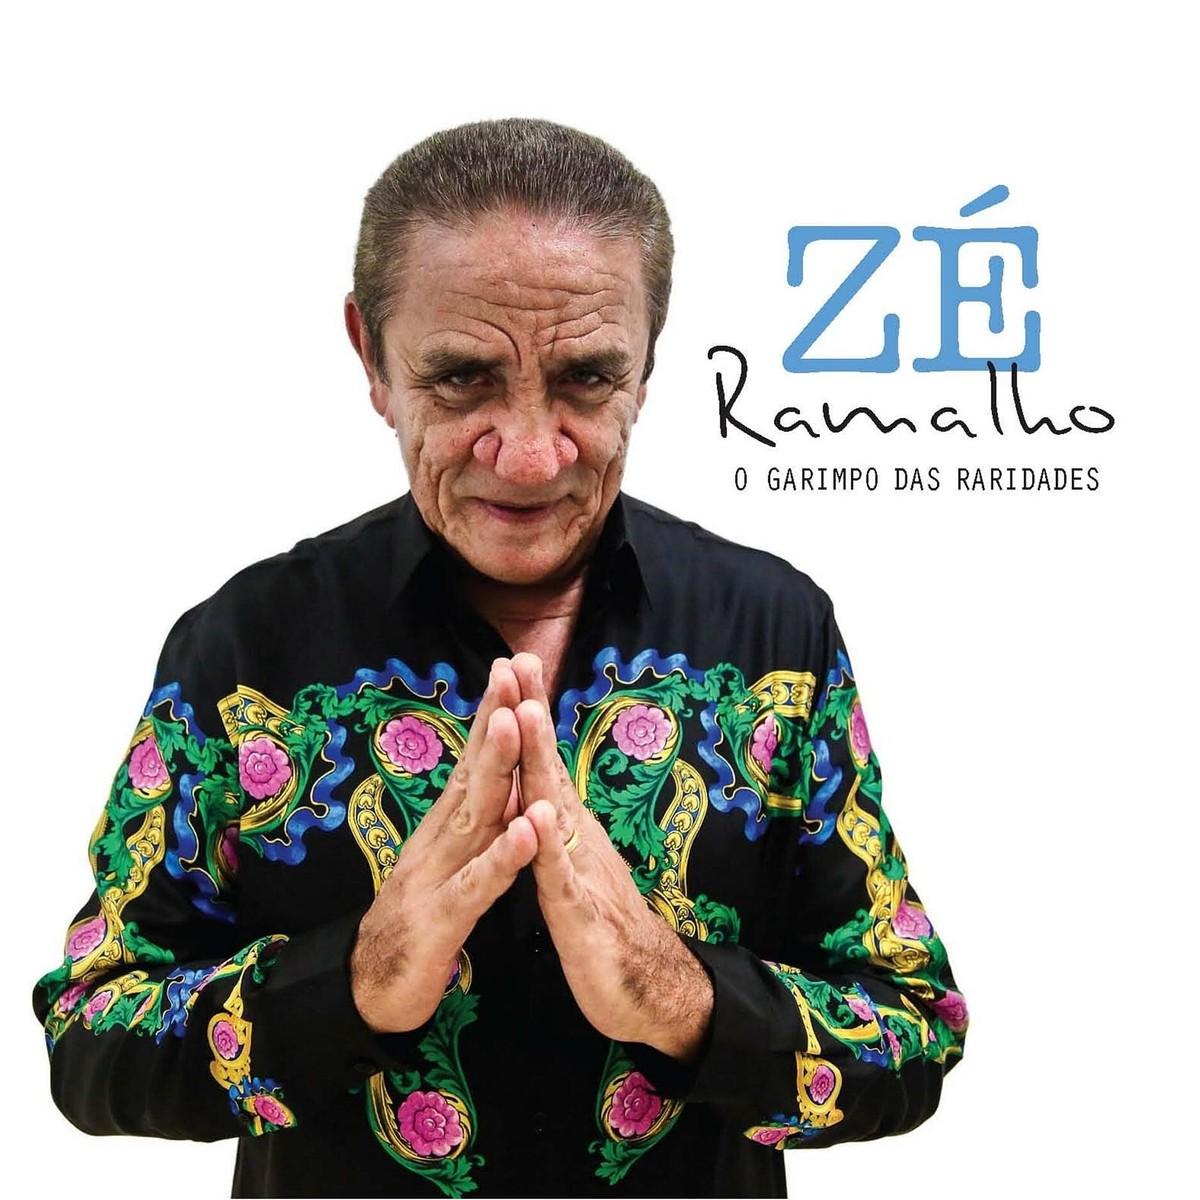 Garimpo de Zé Ramalho em caixa com quatro CDs inclui duetos raros e gravação de show acústico de 1997